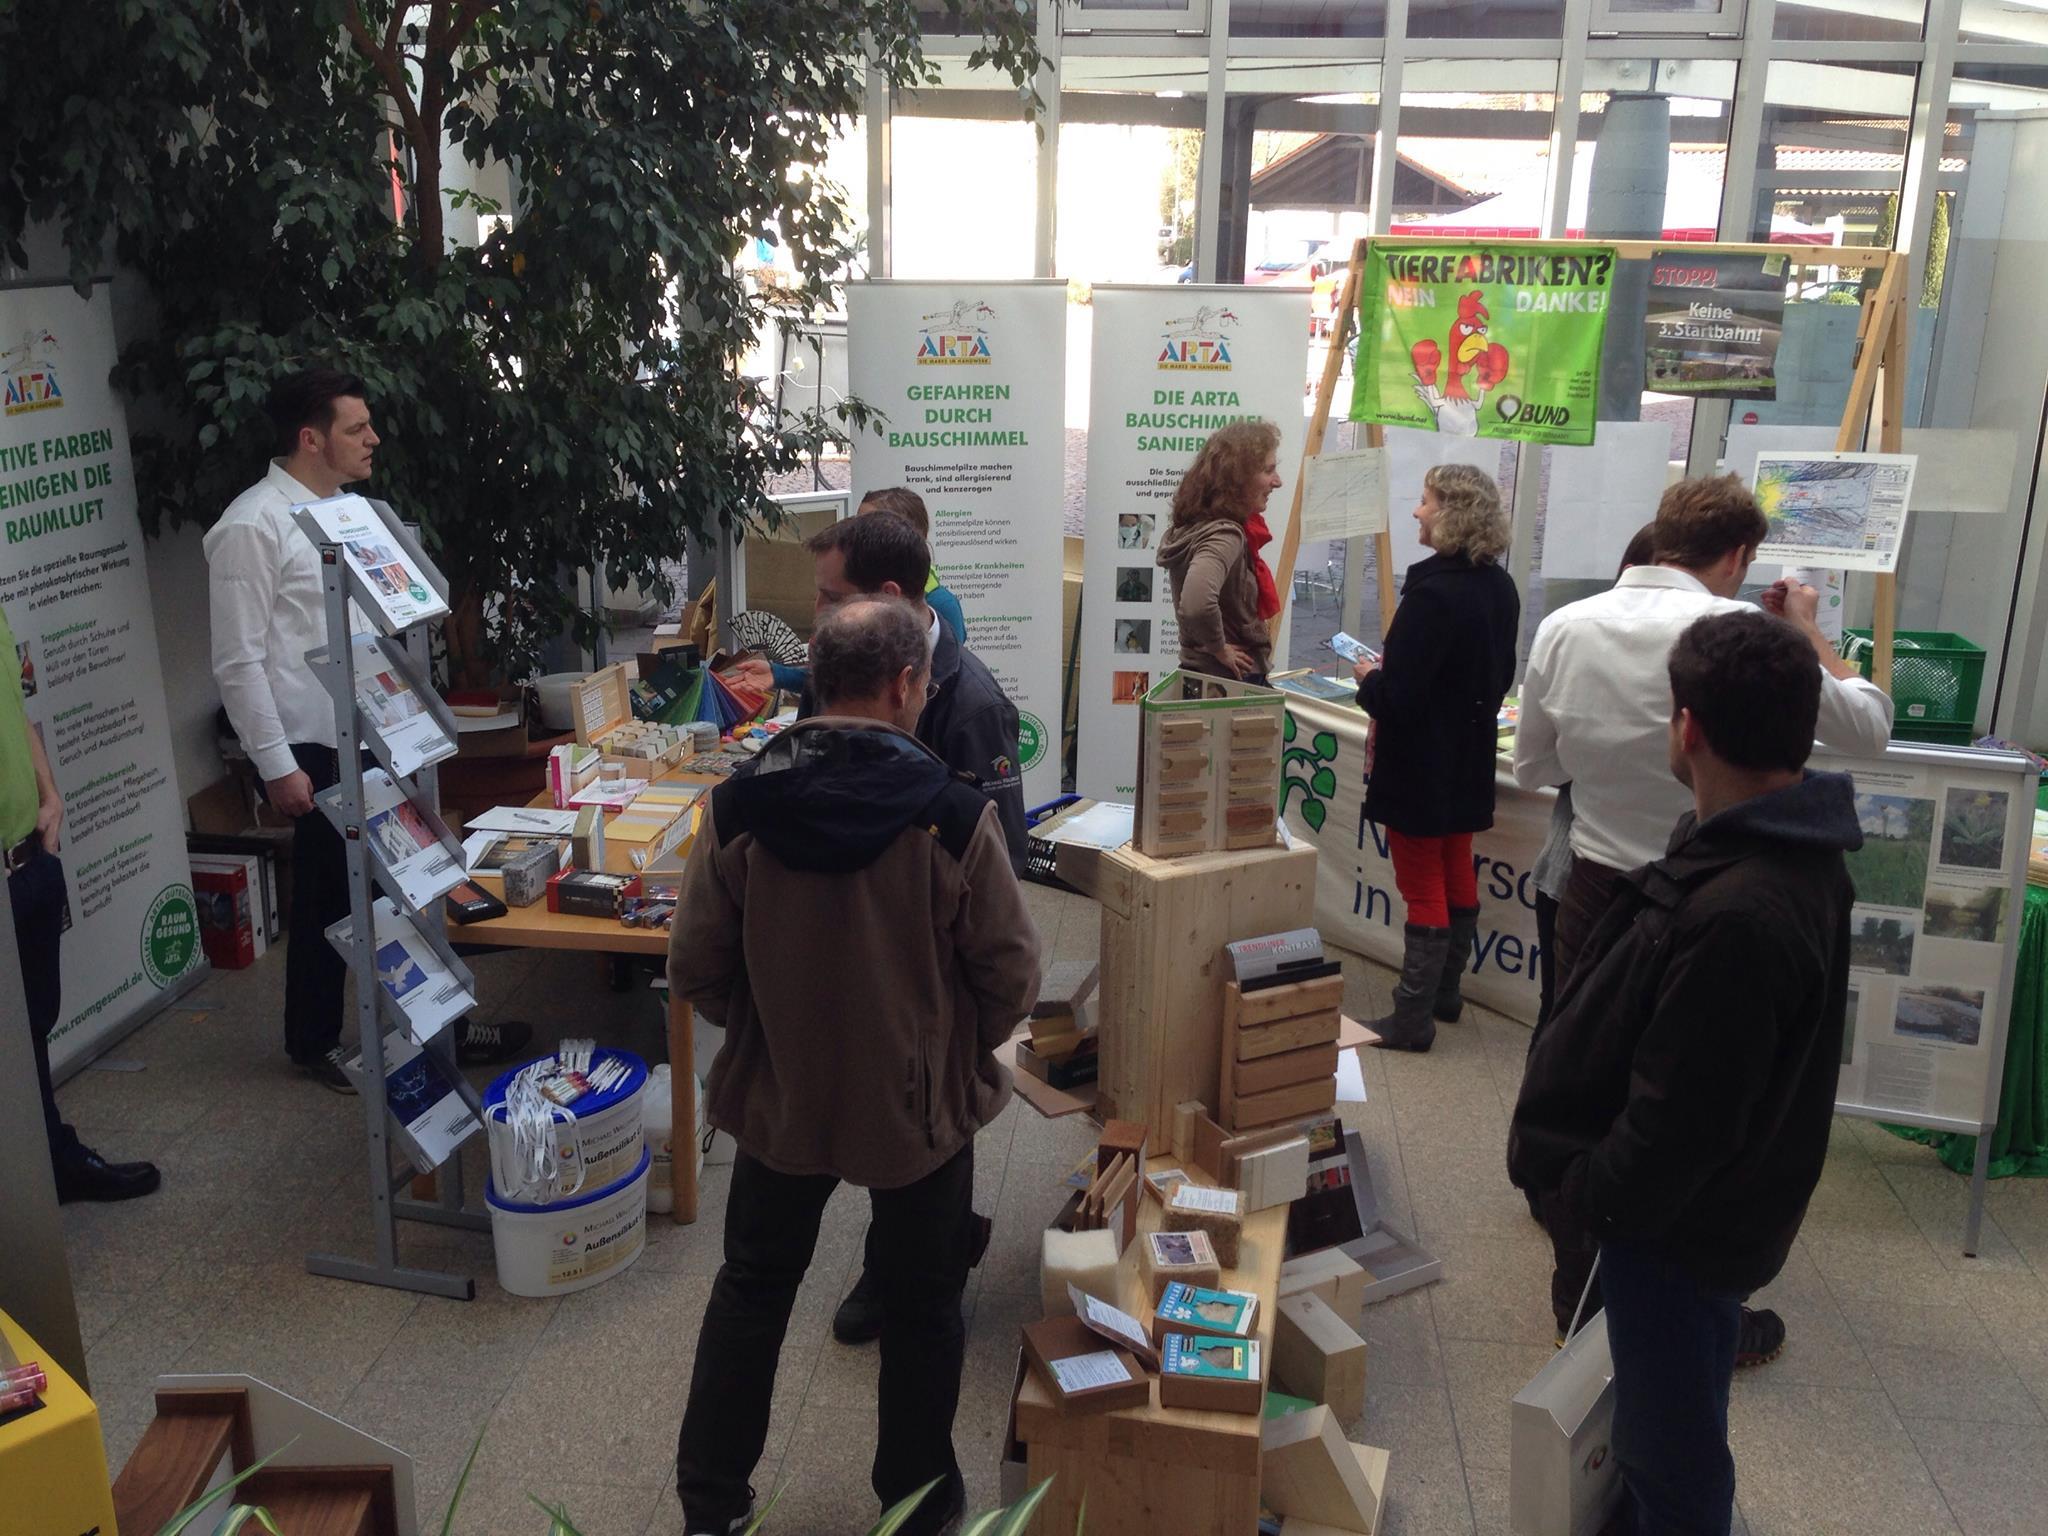 Bericht zum Umwelt-Aktionstag in Finsing